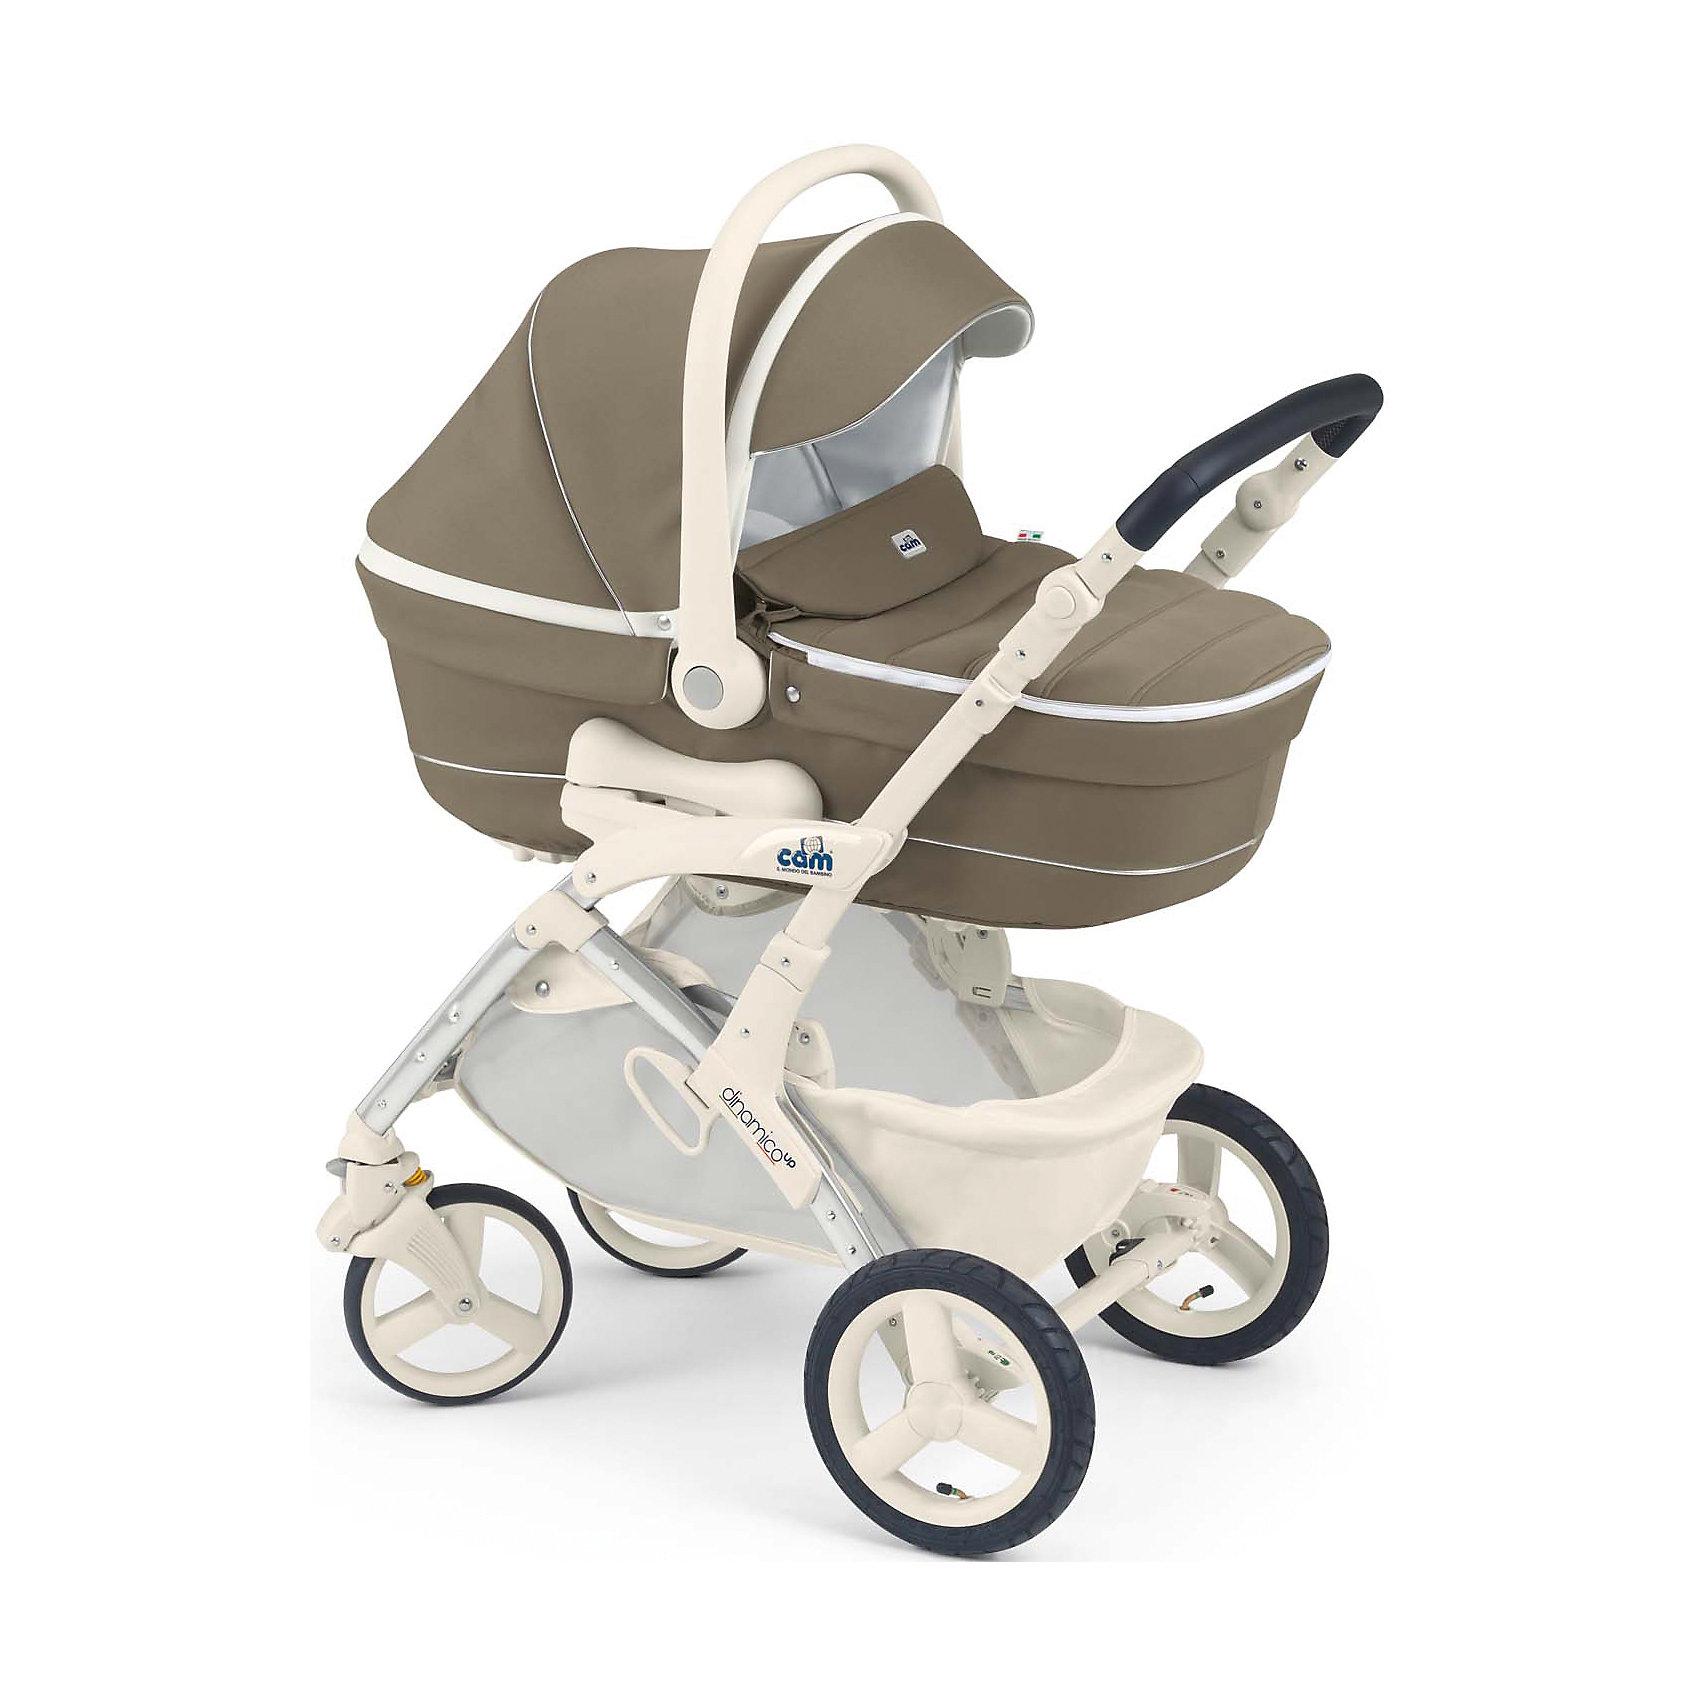 Коляска 3 в 1 Dinamico Up, CAM, темный крем/белыйКоляска 3 в 1 Dinamico Up, CAM - современная модульная коляска, которая обеспечит максимальный комфорт и безопасность Вашему малышу. Коляска состоит из прилагающихся к шасси прогулочного блока, люльки для новорожденного и автокресла-переноски и подходит для<br>детей от рождения до 3 лет. Люлька из пластика предназначена для детей от рождения до 6 месяцев. Легко устанавливается на шасси по ходу и против хода движения. Наклон подголовника регулируется в 4 положениях при помощи специального рычага (максимально поднимается<br>до 45°). Внутри люльки - приятная на ощупь внутренняя отделка и мягкий съемный матрасик.<br><br>Прогулочный блок подходит для детей от 6 месяцев до 3-х лет. Может устанавливаться в положениях лицом к маме или лицом к дороге. Блок оснащен комфортным утепленным сиденьем с регулируемой в 4 положениях спинкой (наклон до 160°). Безопасность малыша гарантируют пятиточечные ремни безопасности с мягкими плечевыми накладками и съемный бампер. Солнцезащитный козырек защитит малыша от непогоды и солнца. Регулируемая подножка создает дополнительный комфорт. Детское автокресло предназначено для детей весом от  0 до 13 кг.<br>Комфортное сиденье с анатомической подушкой оснащено широкими 5-точечными ремнями с надёжным замком безопасности, имеется система защиты от боковых ударов. Для переноски имеется удобная эргономичная ручка. Кресло крепится в машине штатными ремнями безопасности против хода движения на заднем сиденье.<br><br><br>Дополнительная информация:<br><br>- В комплекте: шасси, люлька для новорожденного, автокресло-переноска группы 0+, прогулочный блок, накидка на ножки, сумка для мамы, дождевик.<br>- Цвет: темный крем/белый.<br>- Размер коляски в разложенном состоянии (шасси): 95,5 х 58 х 118 см.<br>- Размер коляски в сложенном состоянии (шасси): 33 х 58 х 79 см.<br>- Размер люльки: 83 х 34 х 21 см.<br>- Вес люльки: 4,8 кг. <br>- Размер прогулочной коляски: 58 х 95,5 х 106 см.<br>- Вес прогулочной коляск